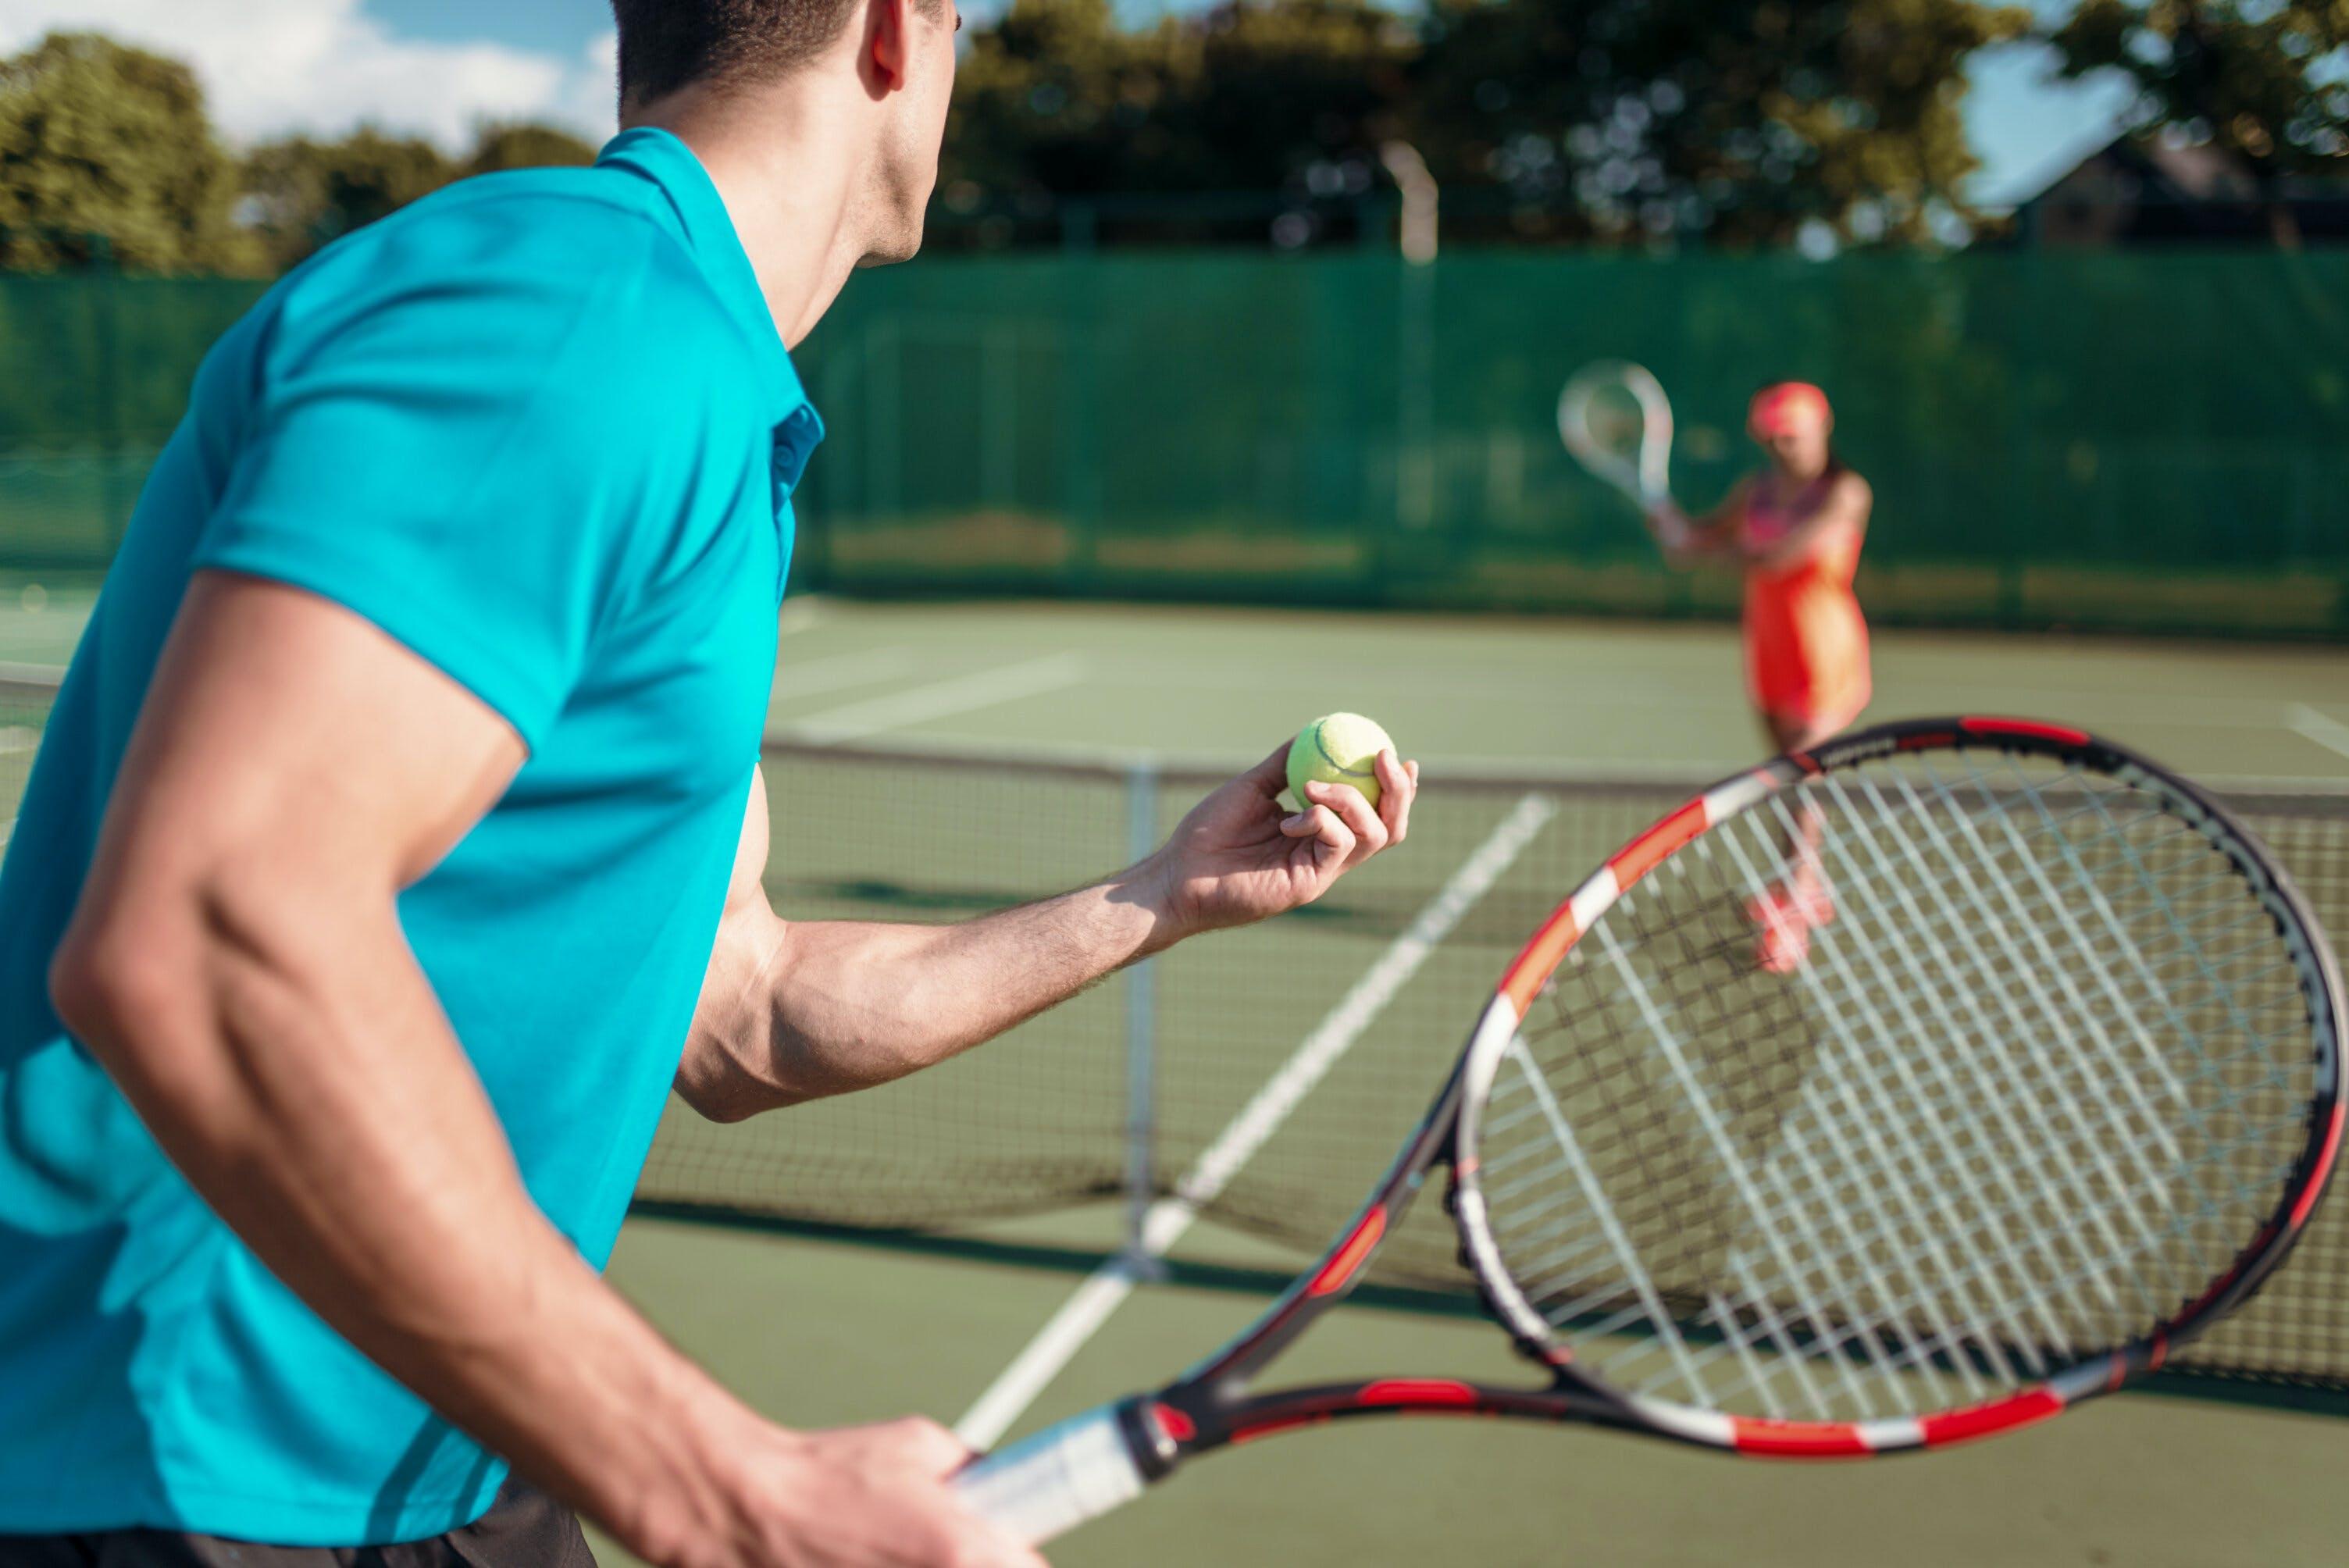 Tennisbanan kan du boka med BokaMeras bokningssystem